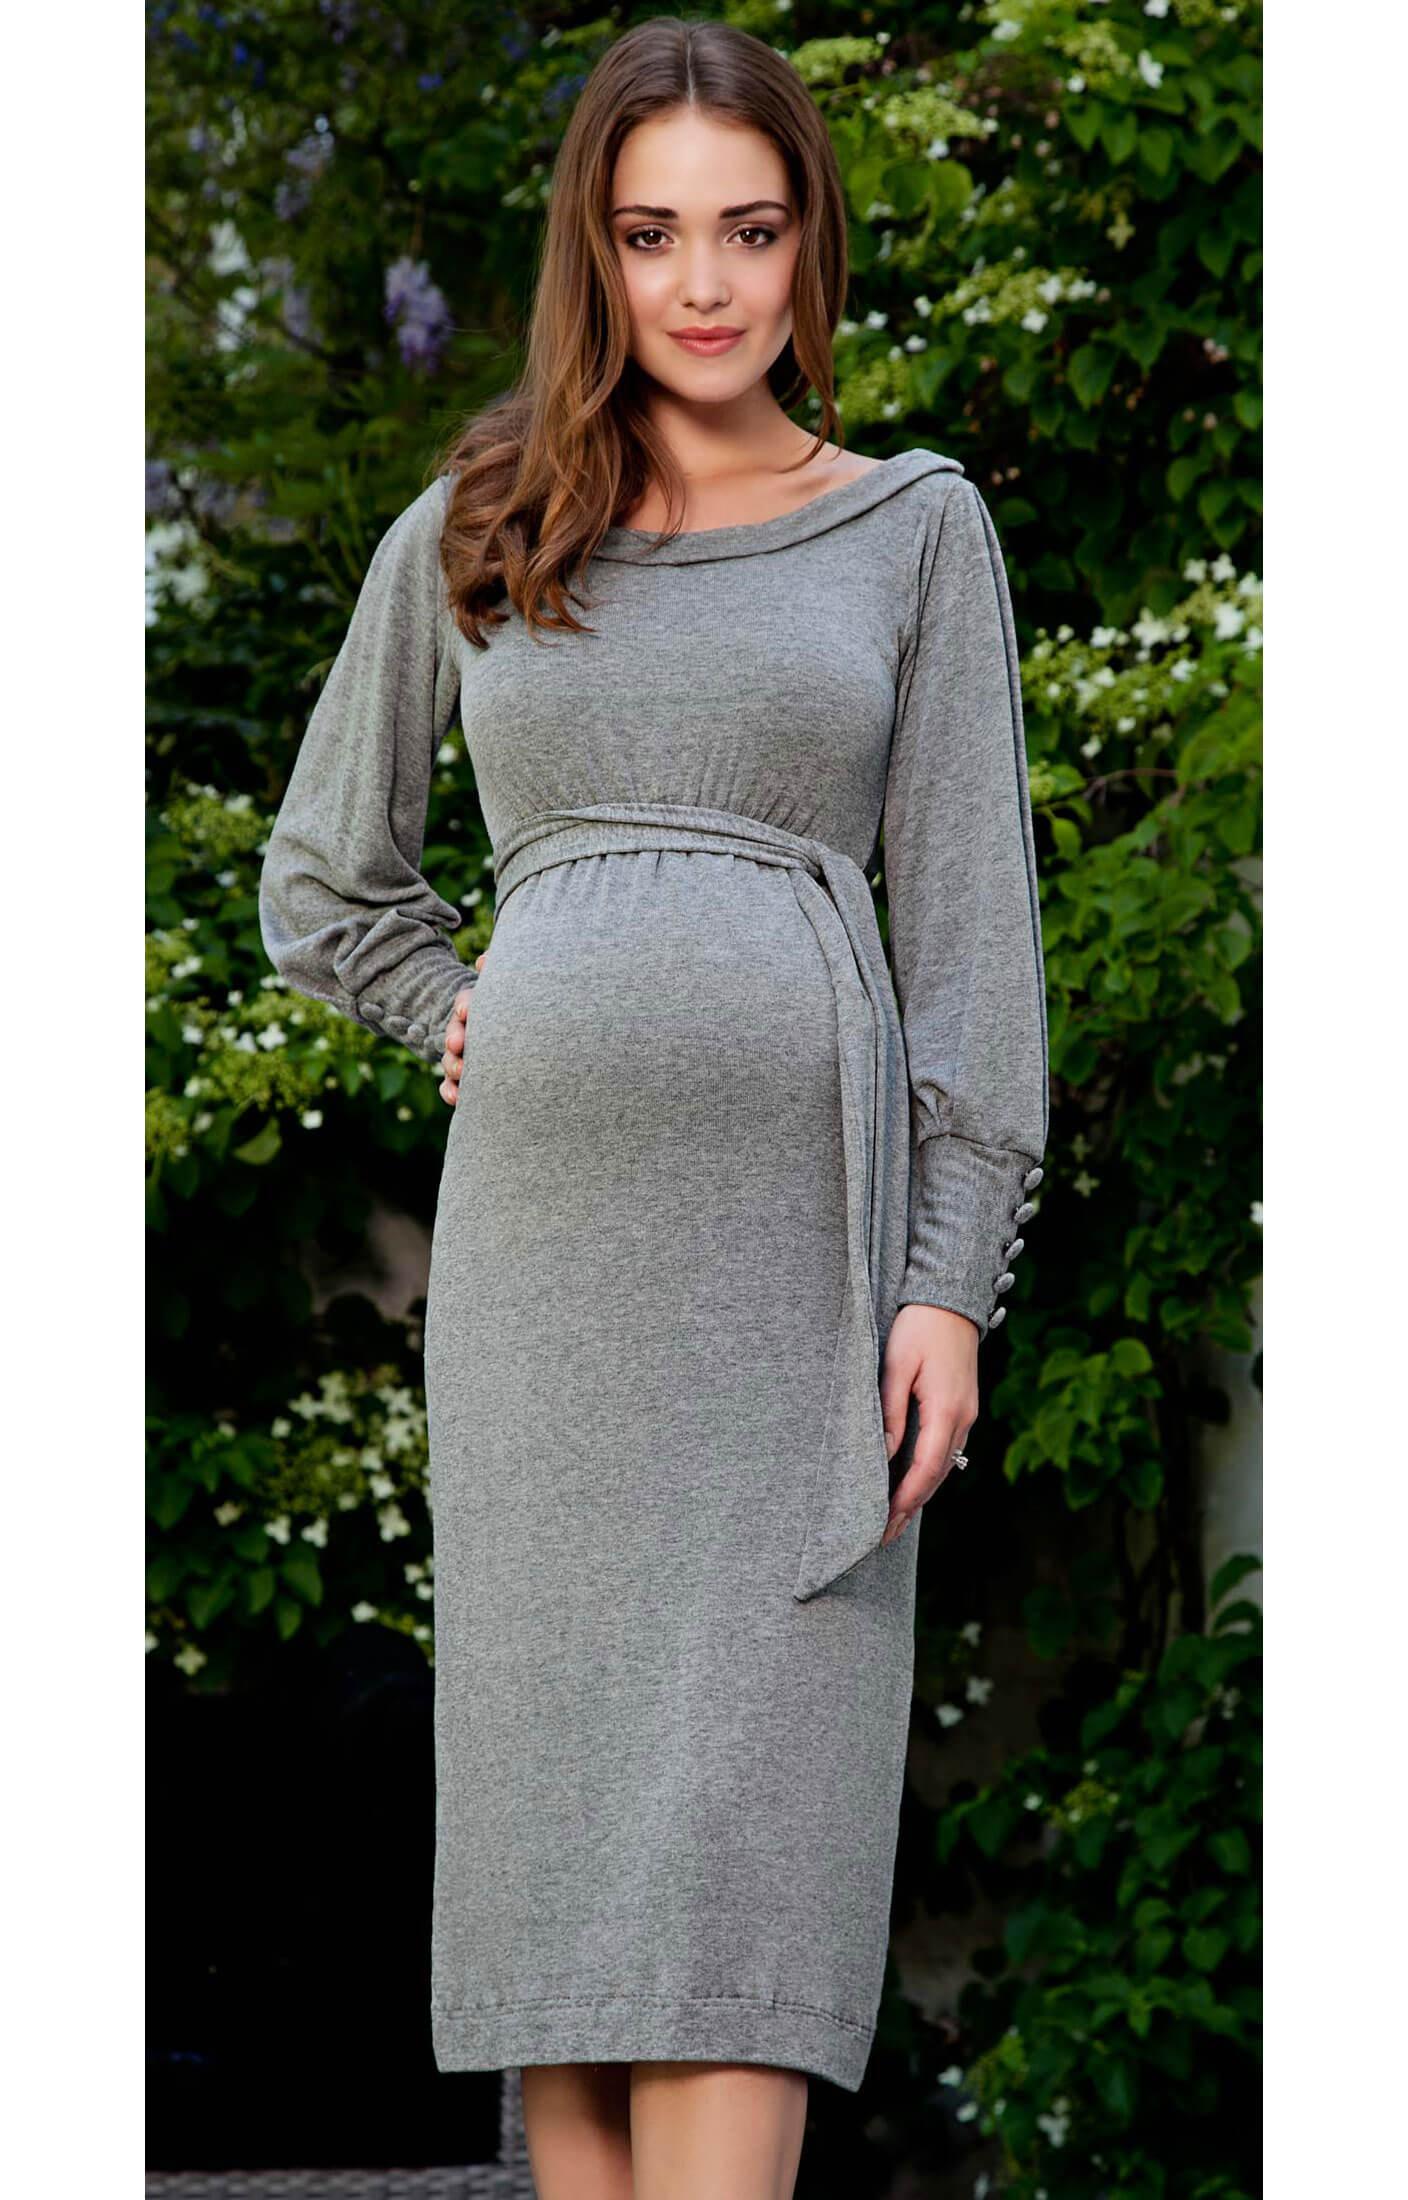 Alicia maternity dress storm grey maternity wedding dresses alicia maternity dress storm grey by tiffany rose ombrellifo Gallery